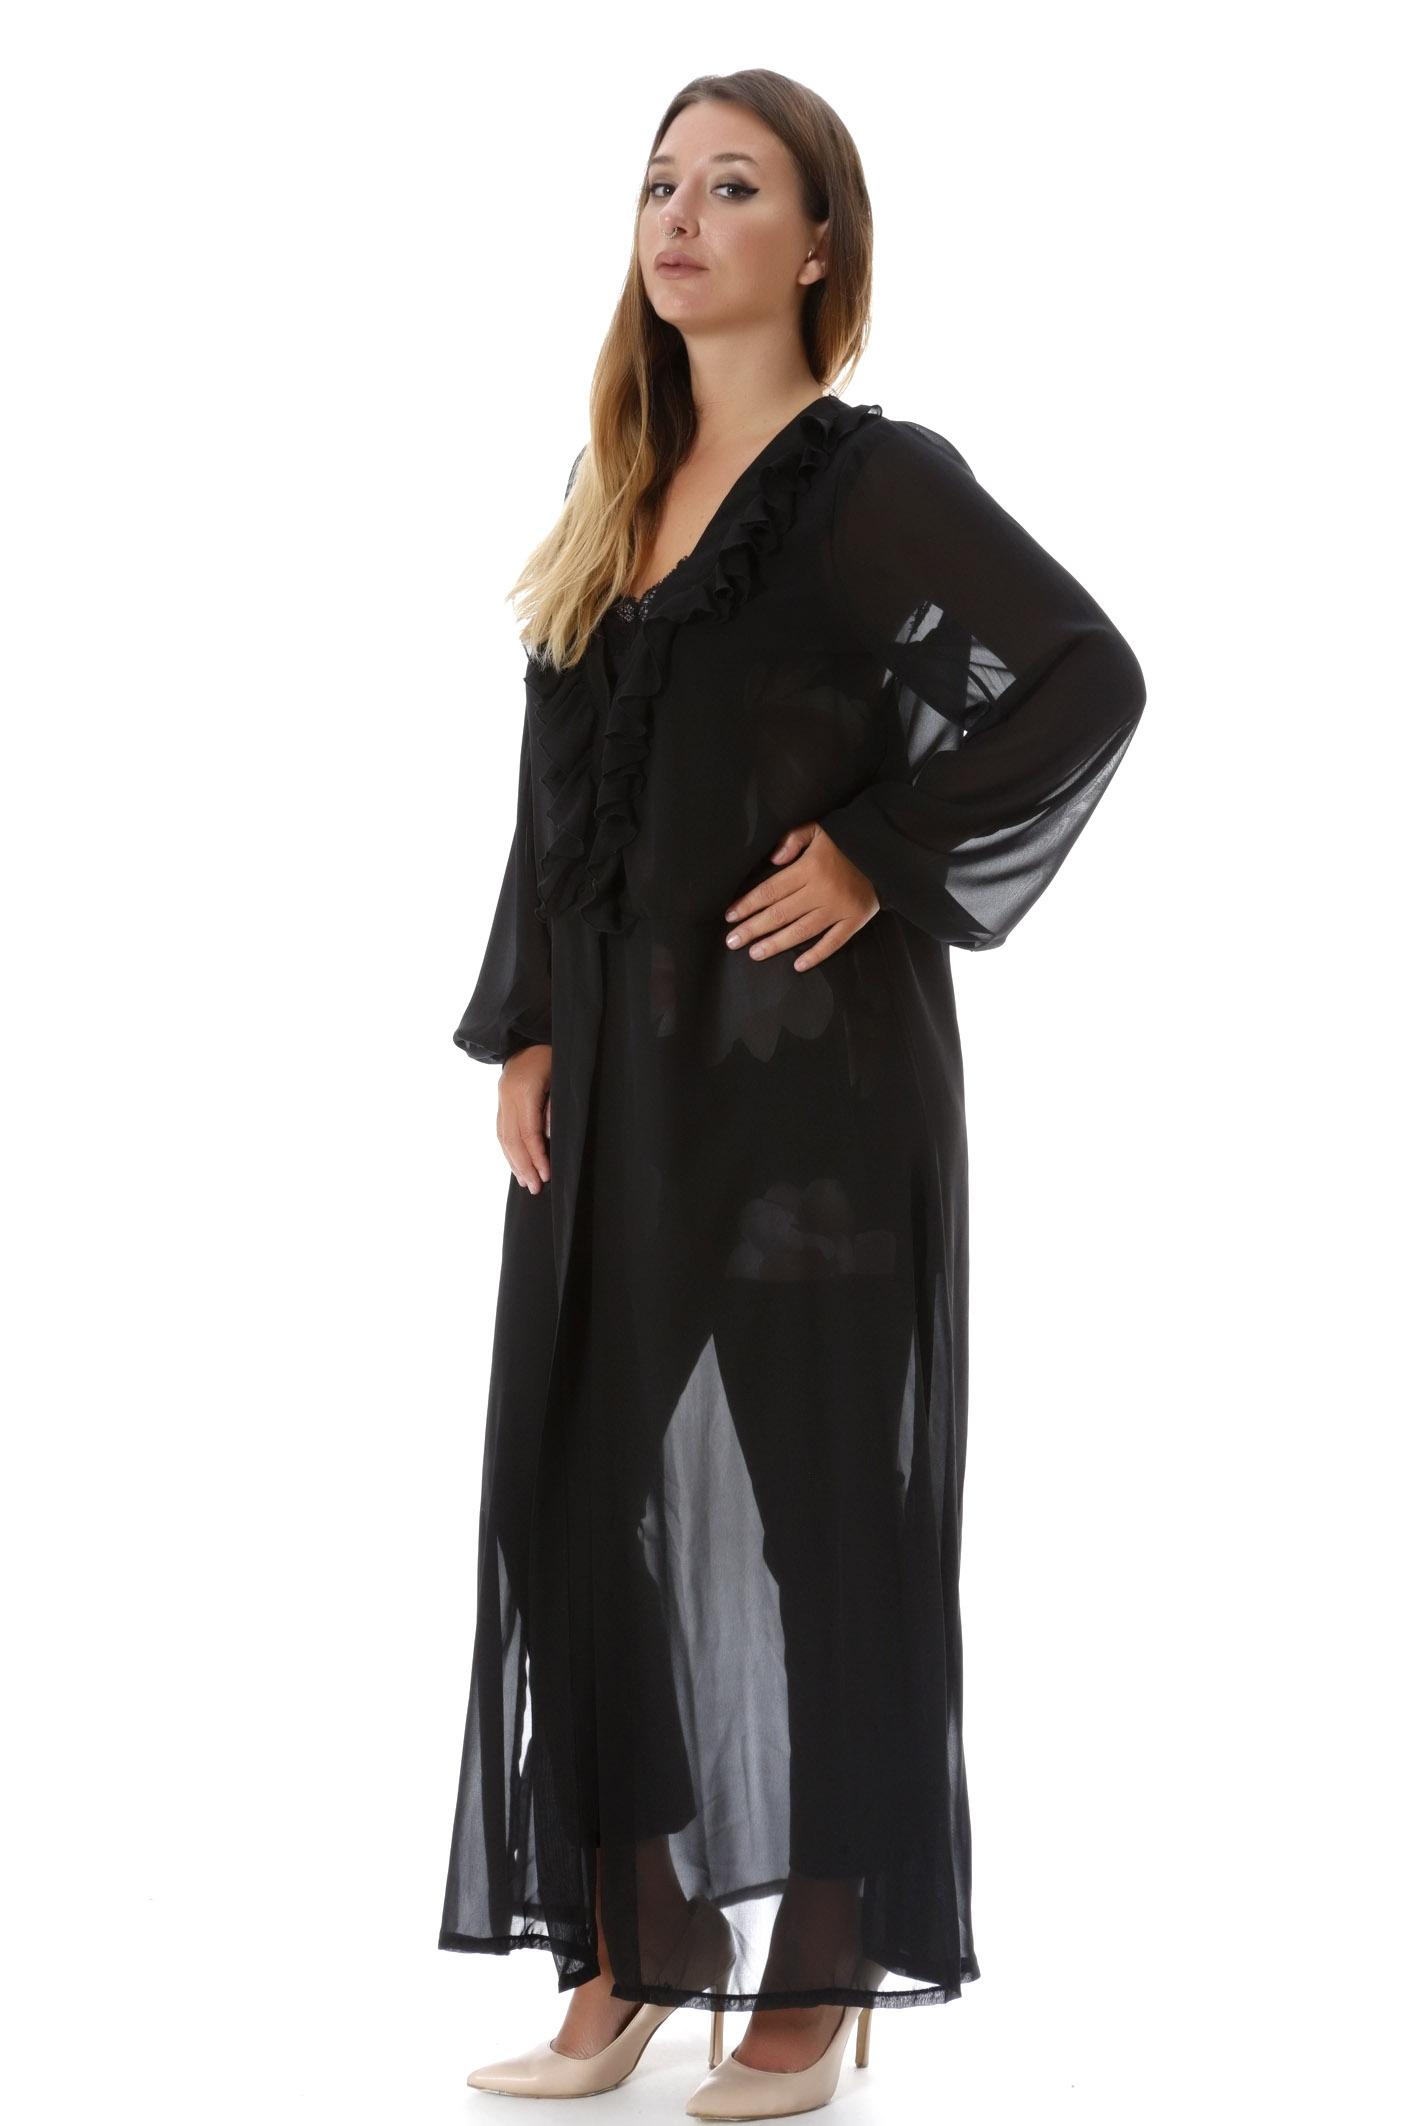 Maxi τουνίκ με βολάν μαύρη νέες αφίξεις   ενδύματα   μπλούζες   sunrose   brands